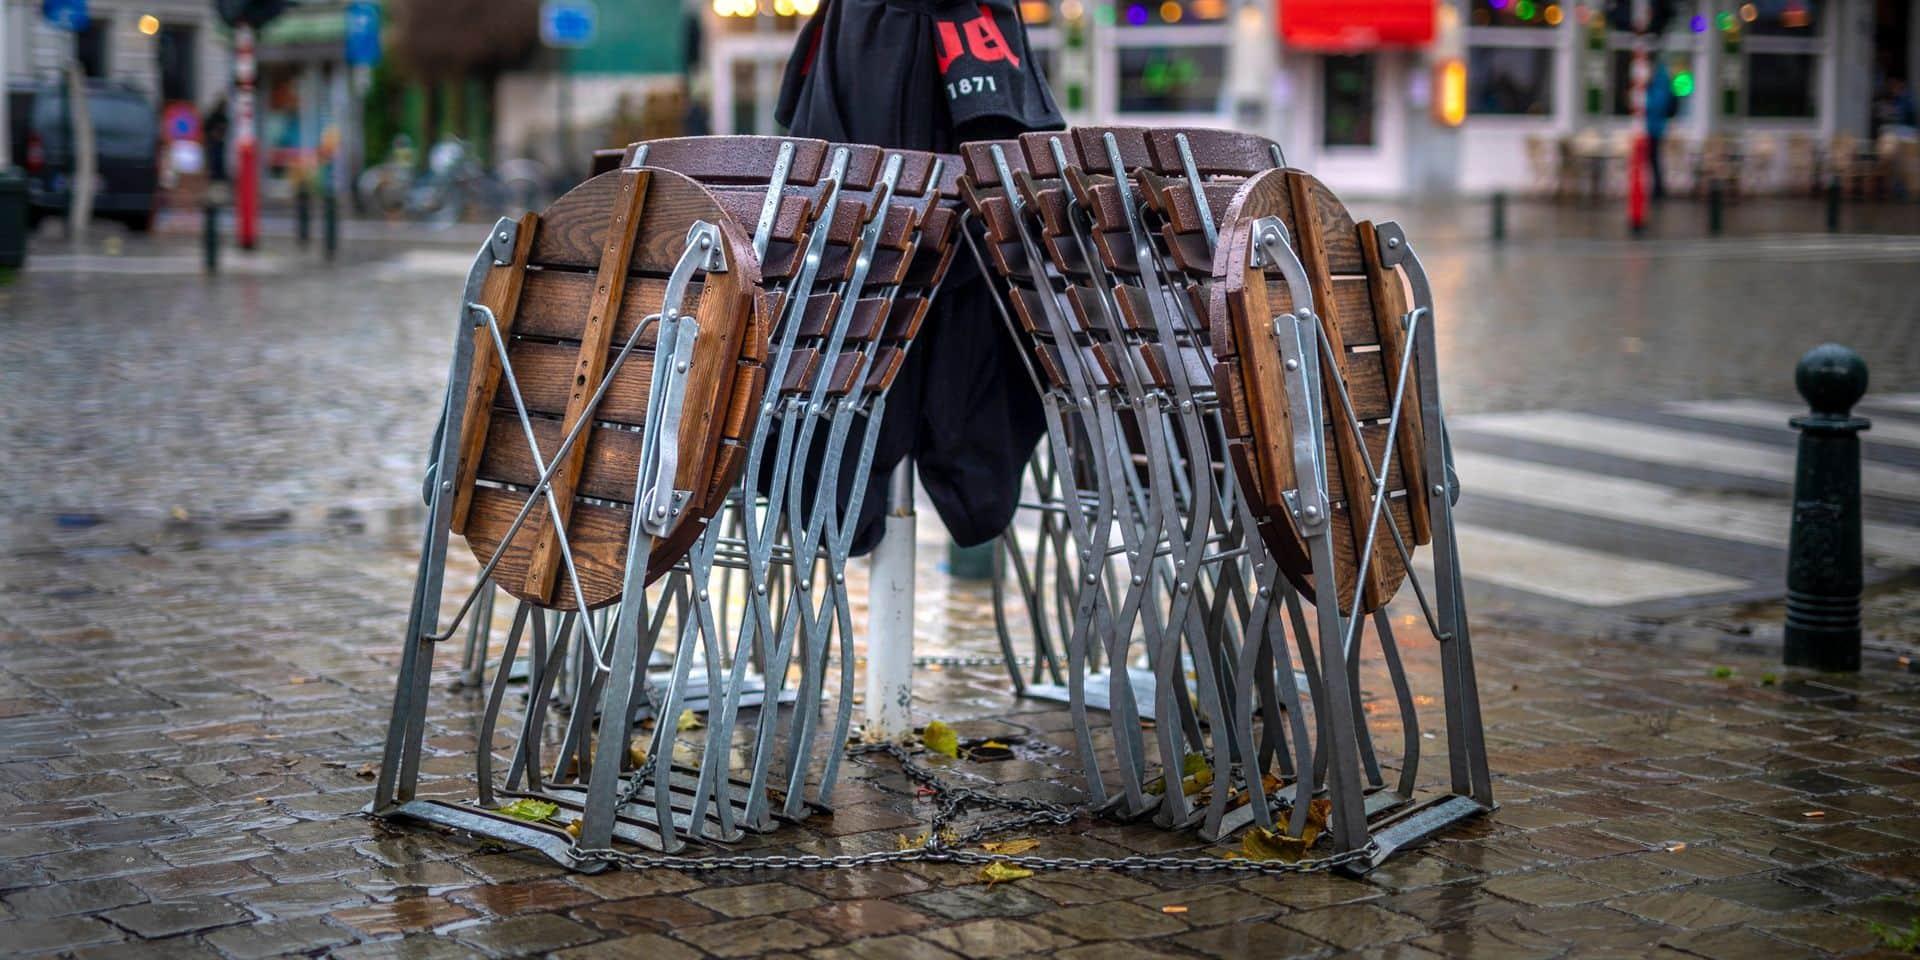 Réouverture de l'Horeca et des secteurs à l'arrêt: certains experts du GEMS plaident pour un autre plan de déconfinement... sans date